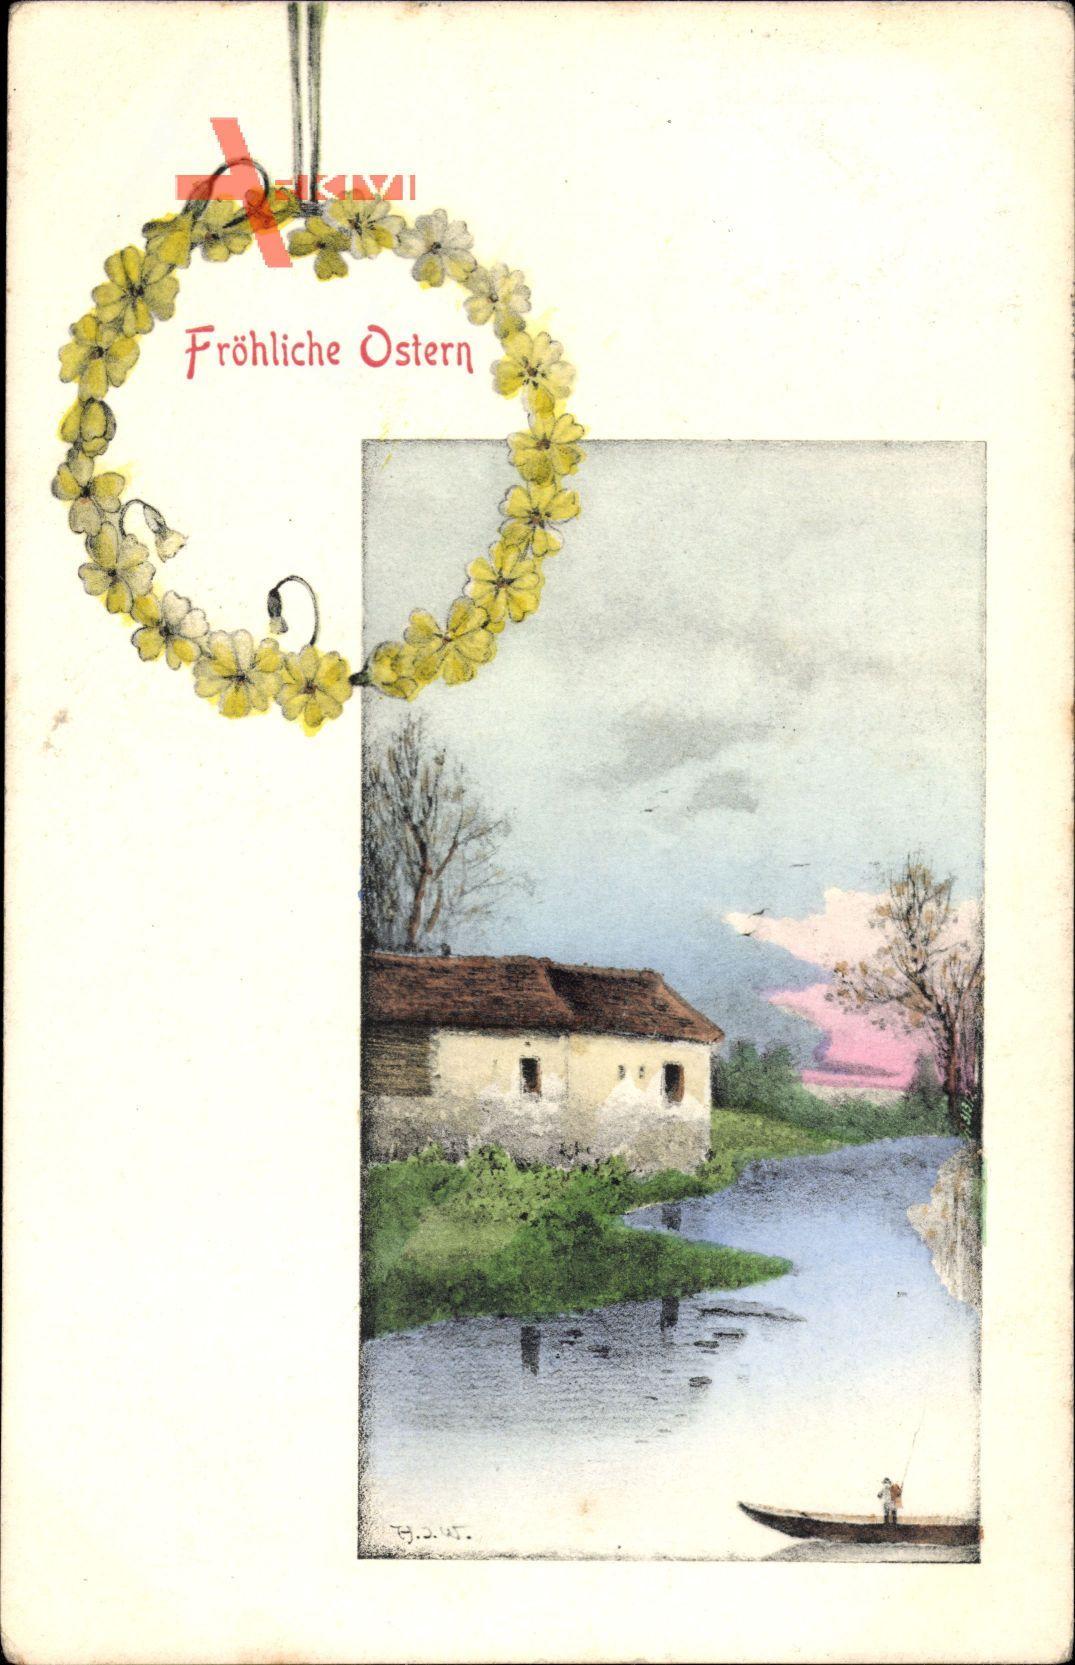 Glückwunsch Ostern, Kleeblattkranz, Flusspartie